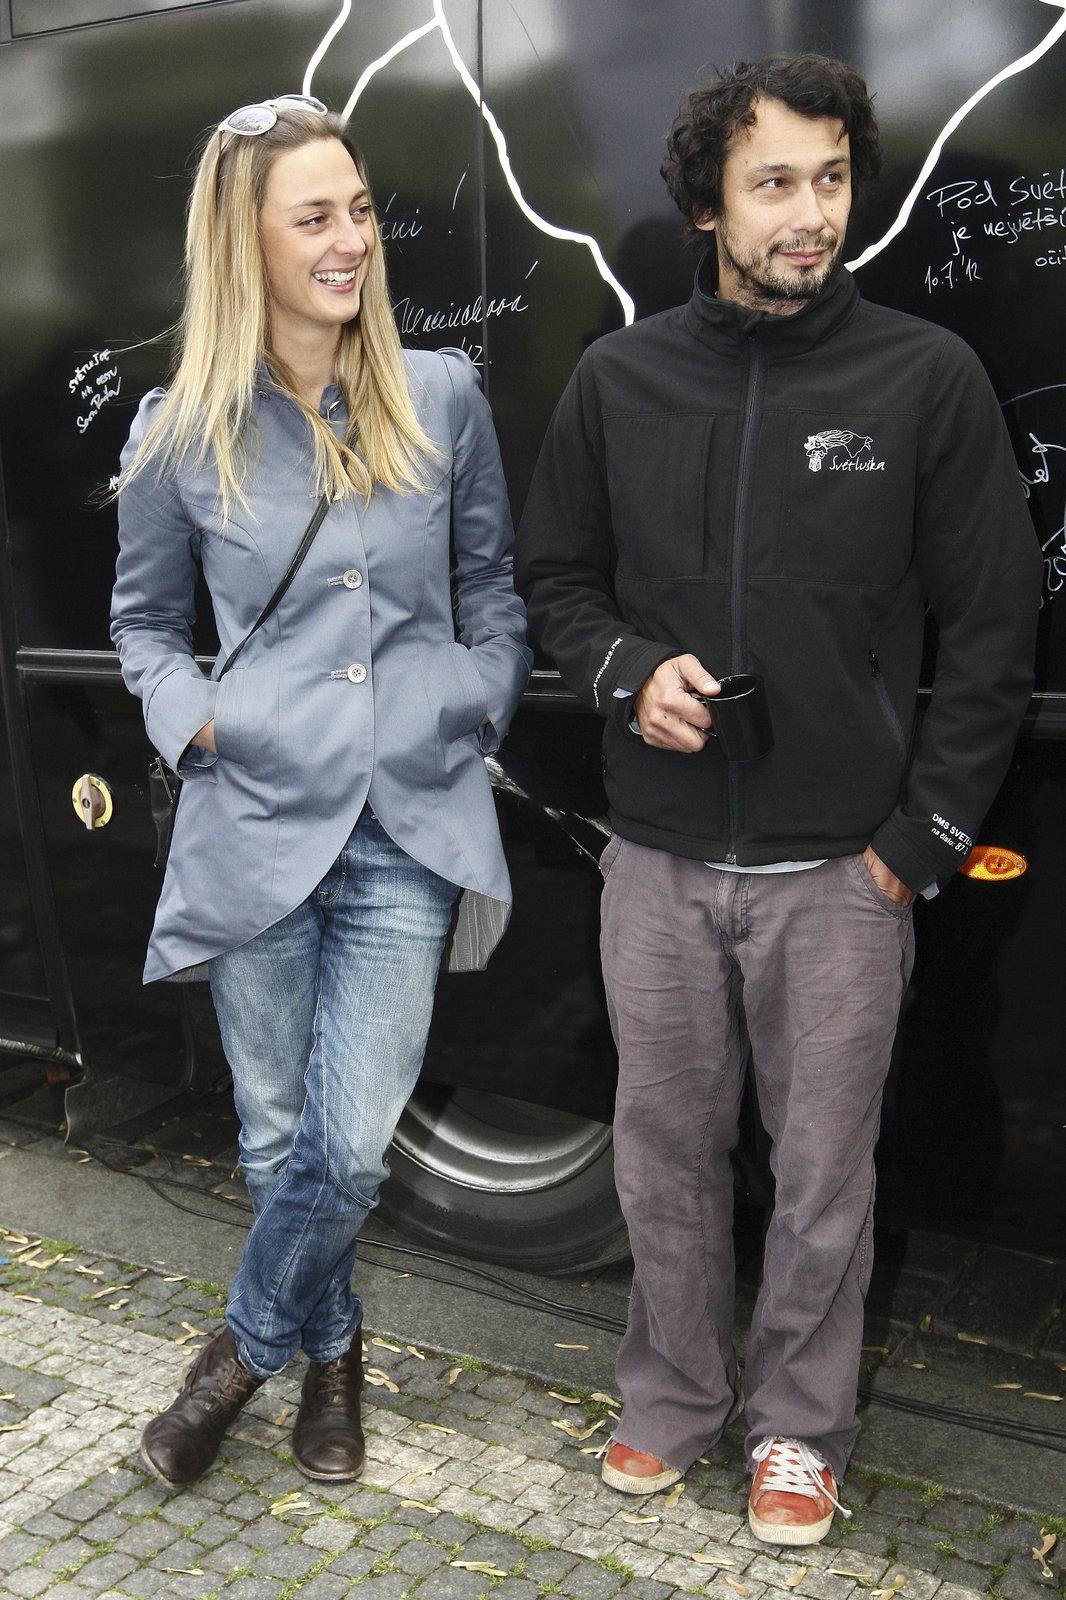 Herec Liška vypadá jako bezdomovec: Na tohle sbalil